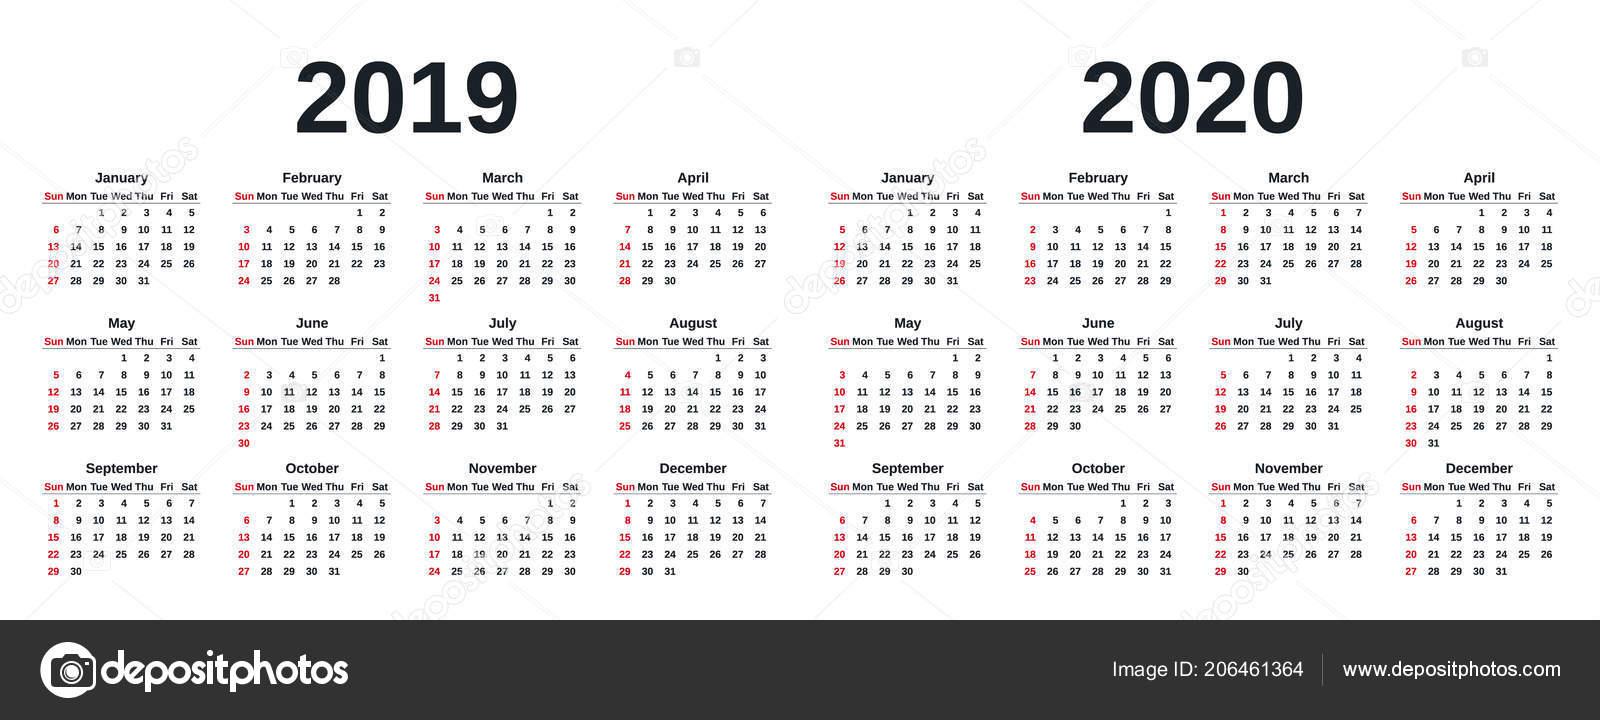 Settimane Calendario 2020.2019 2020 Calendario Grafica Vettoriale Settimana Inizia